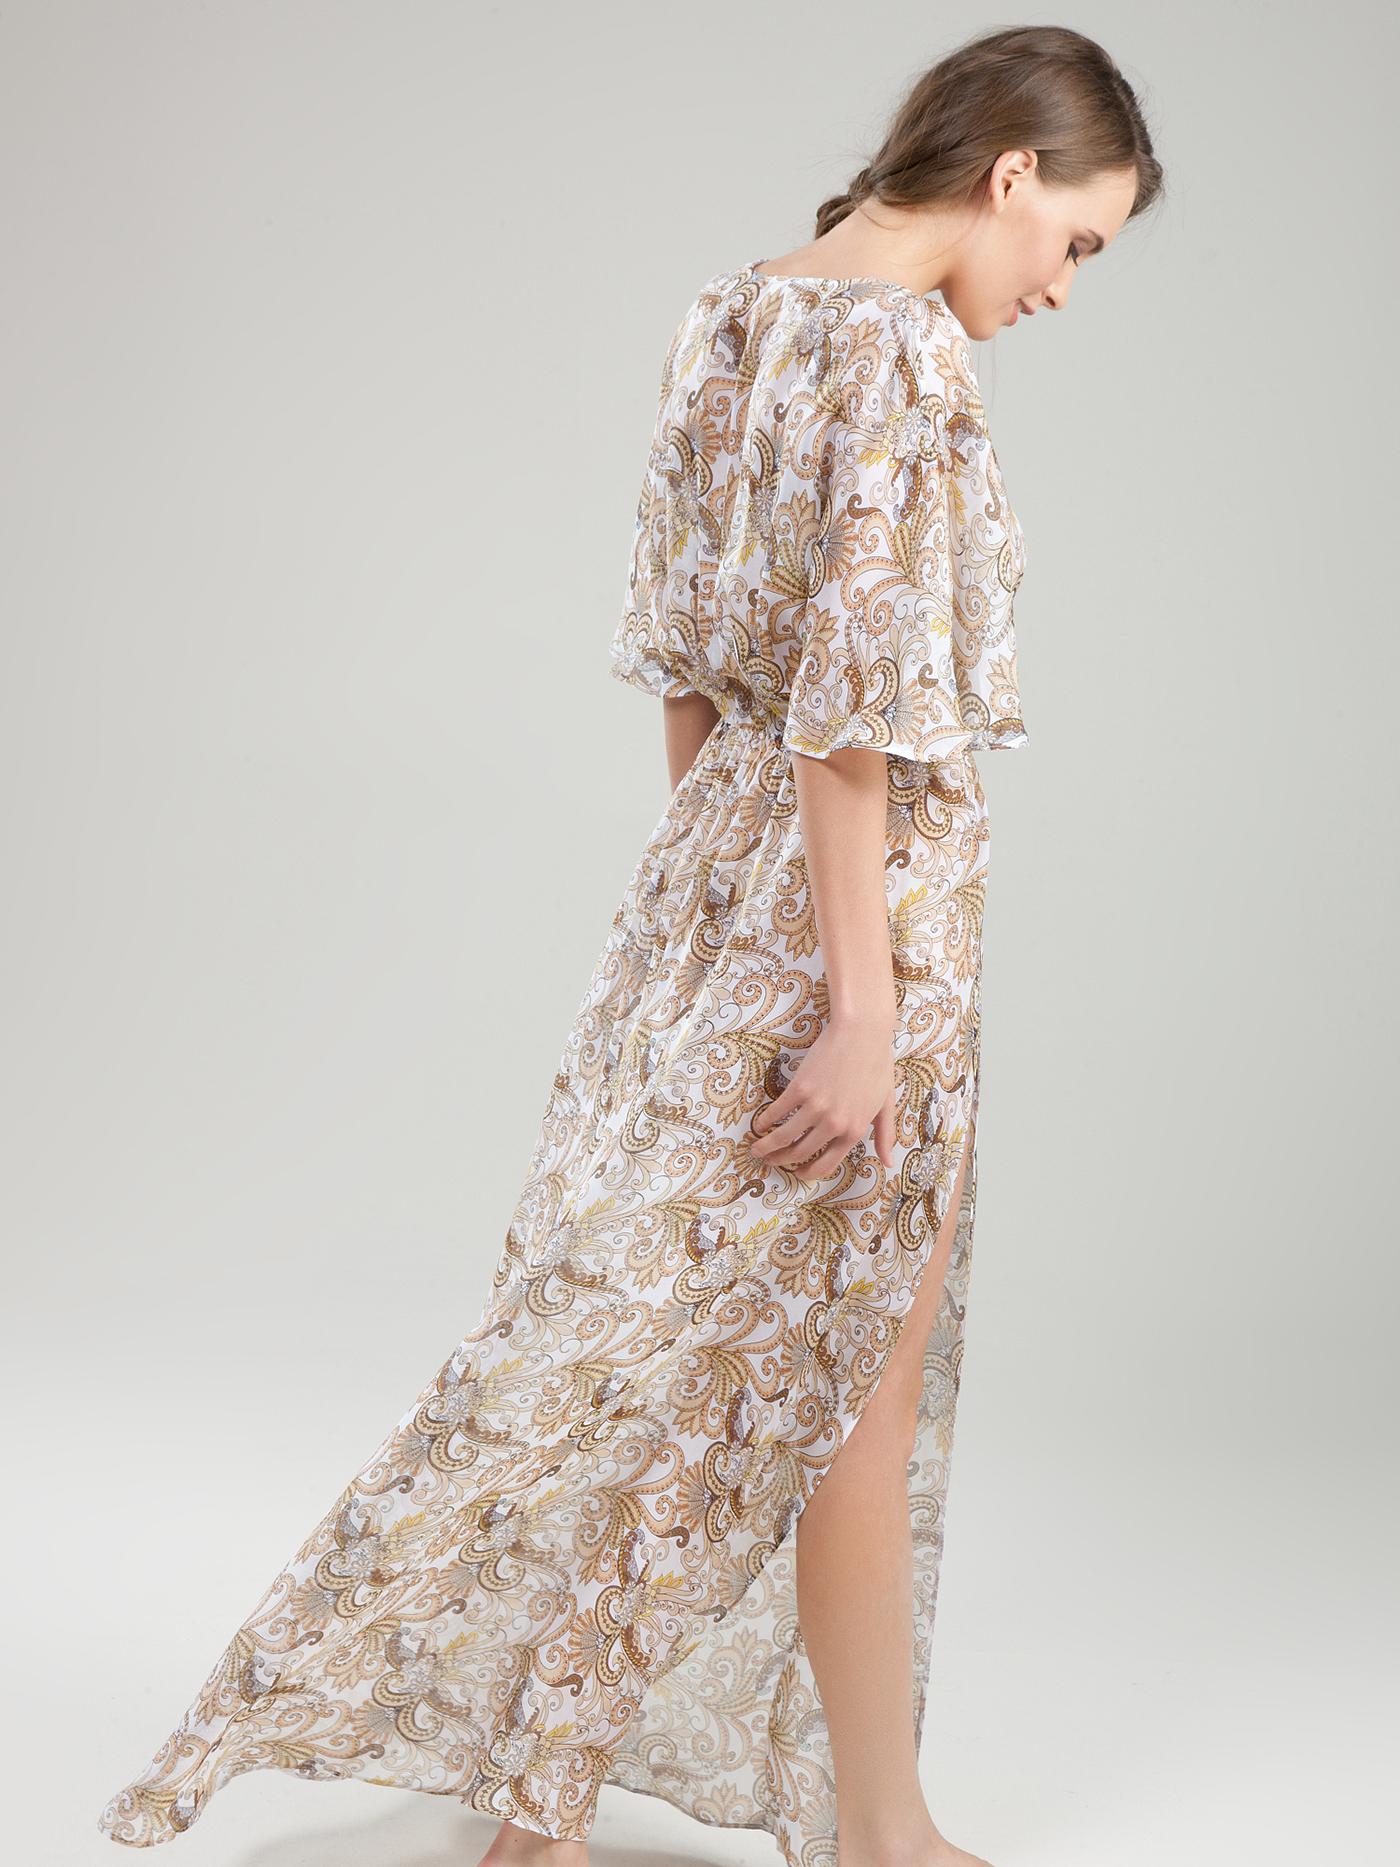 Платье croisette blue romance beachБюстье<br>платье<br><br>Цвет: Принт пейсли белый<br>Декор: Без декора<br>Стилистика: Без стилистики<br>Направление: Бюстье<br>Пол: Женский<br>Материал: 100% ШЕЛК<br>Размер: 3